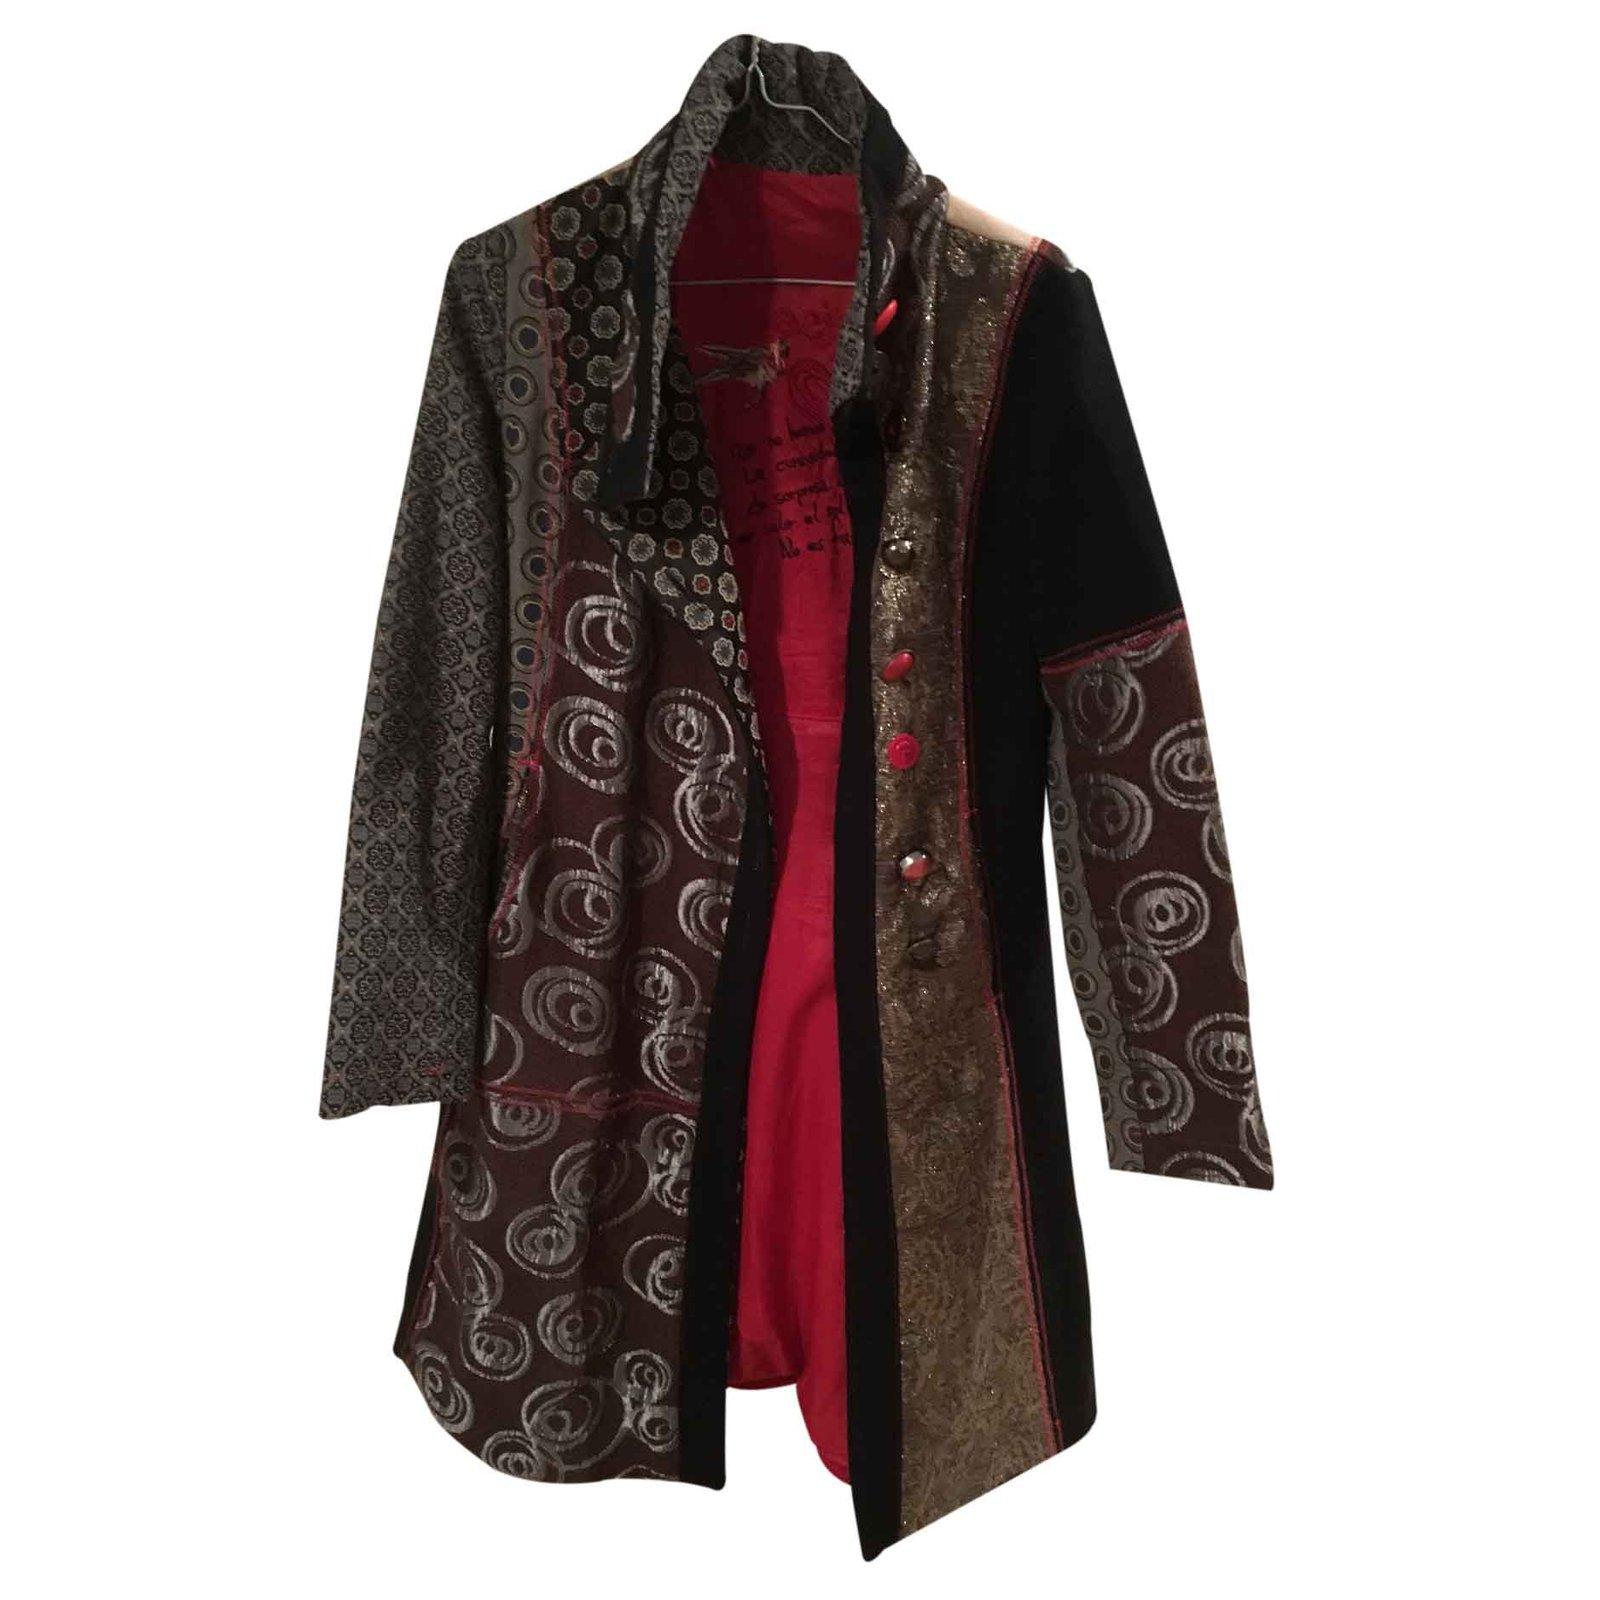 manteaux desigual manteau laine multicolore. Black Bedroom Furniture Sets. Home Design Ideas